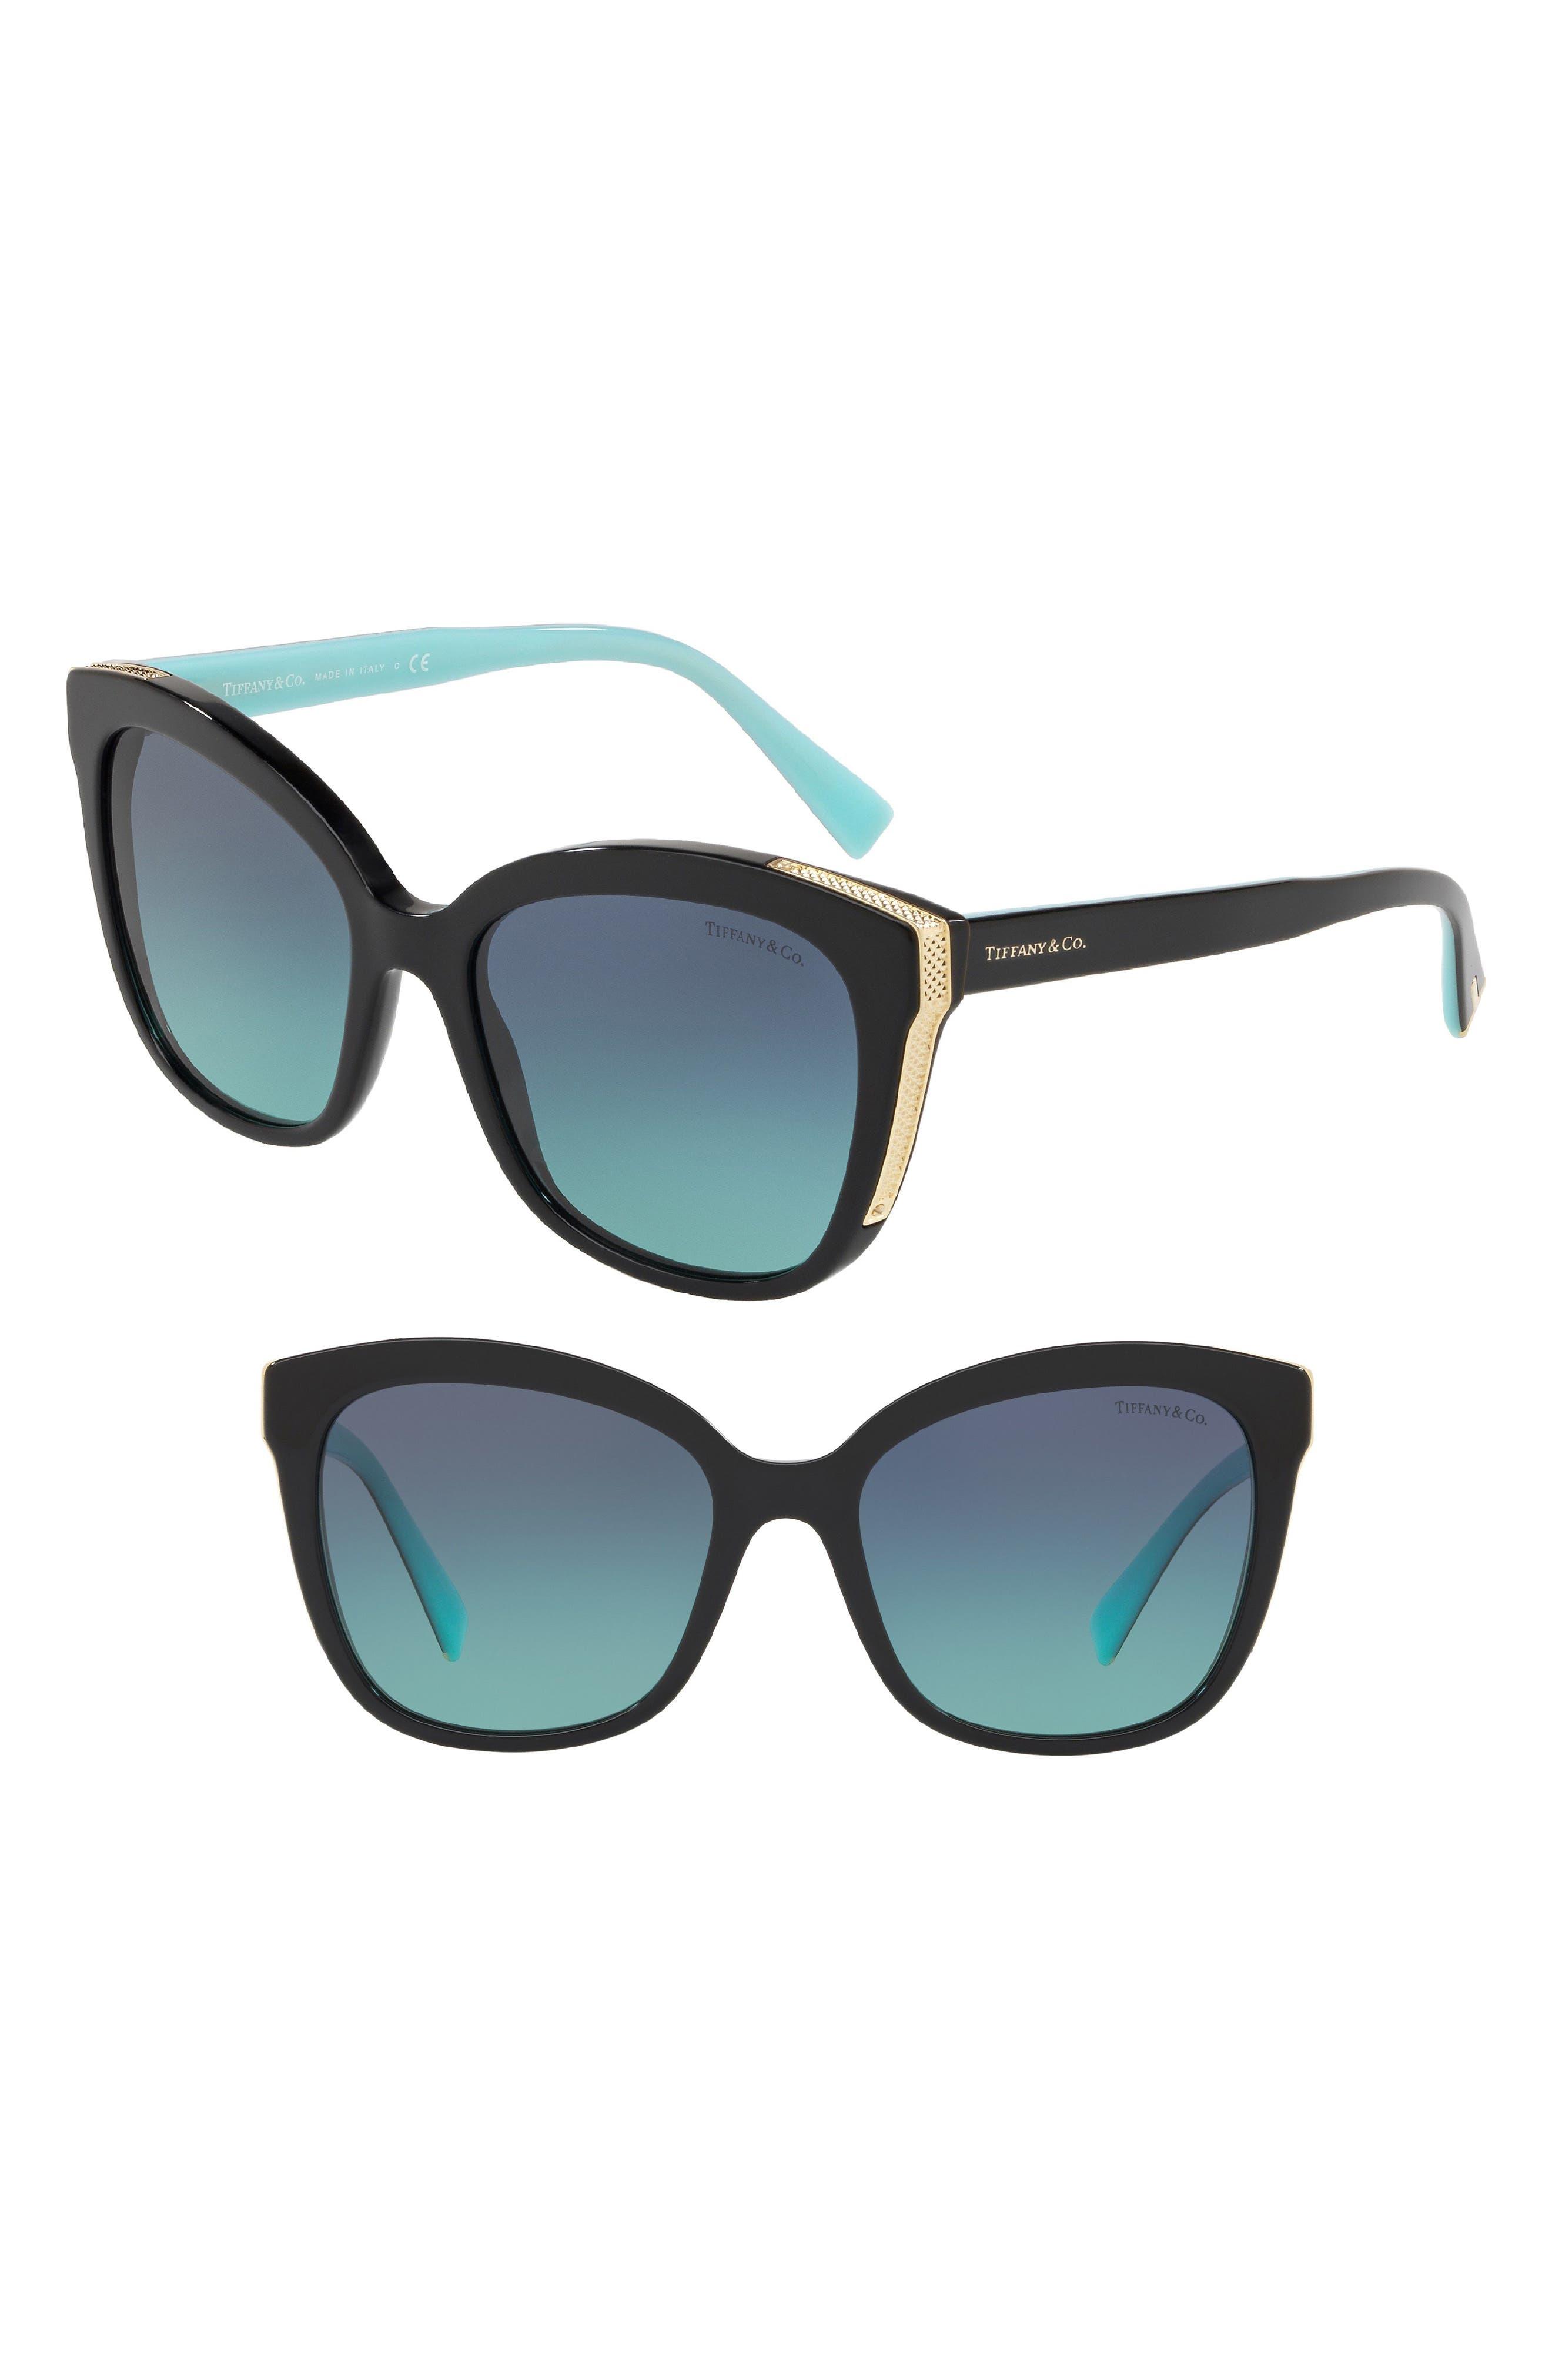 Diamond Point 55mm Gradient Square Sunglasses,                             Main thumbnail 1, color,                             Black Gradient